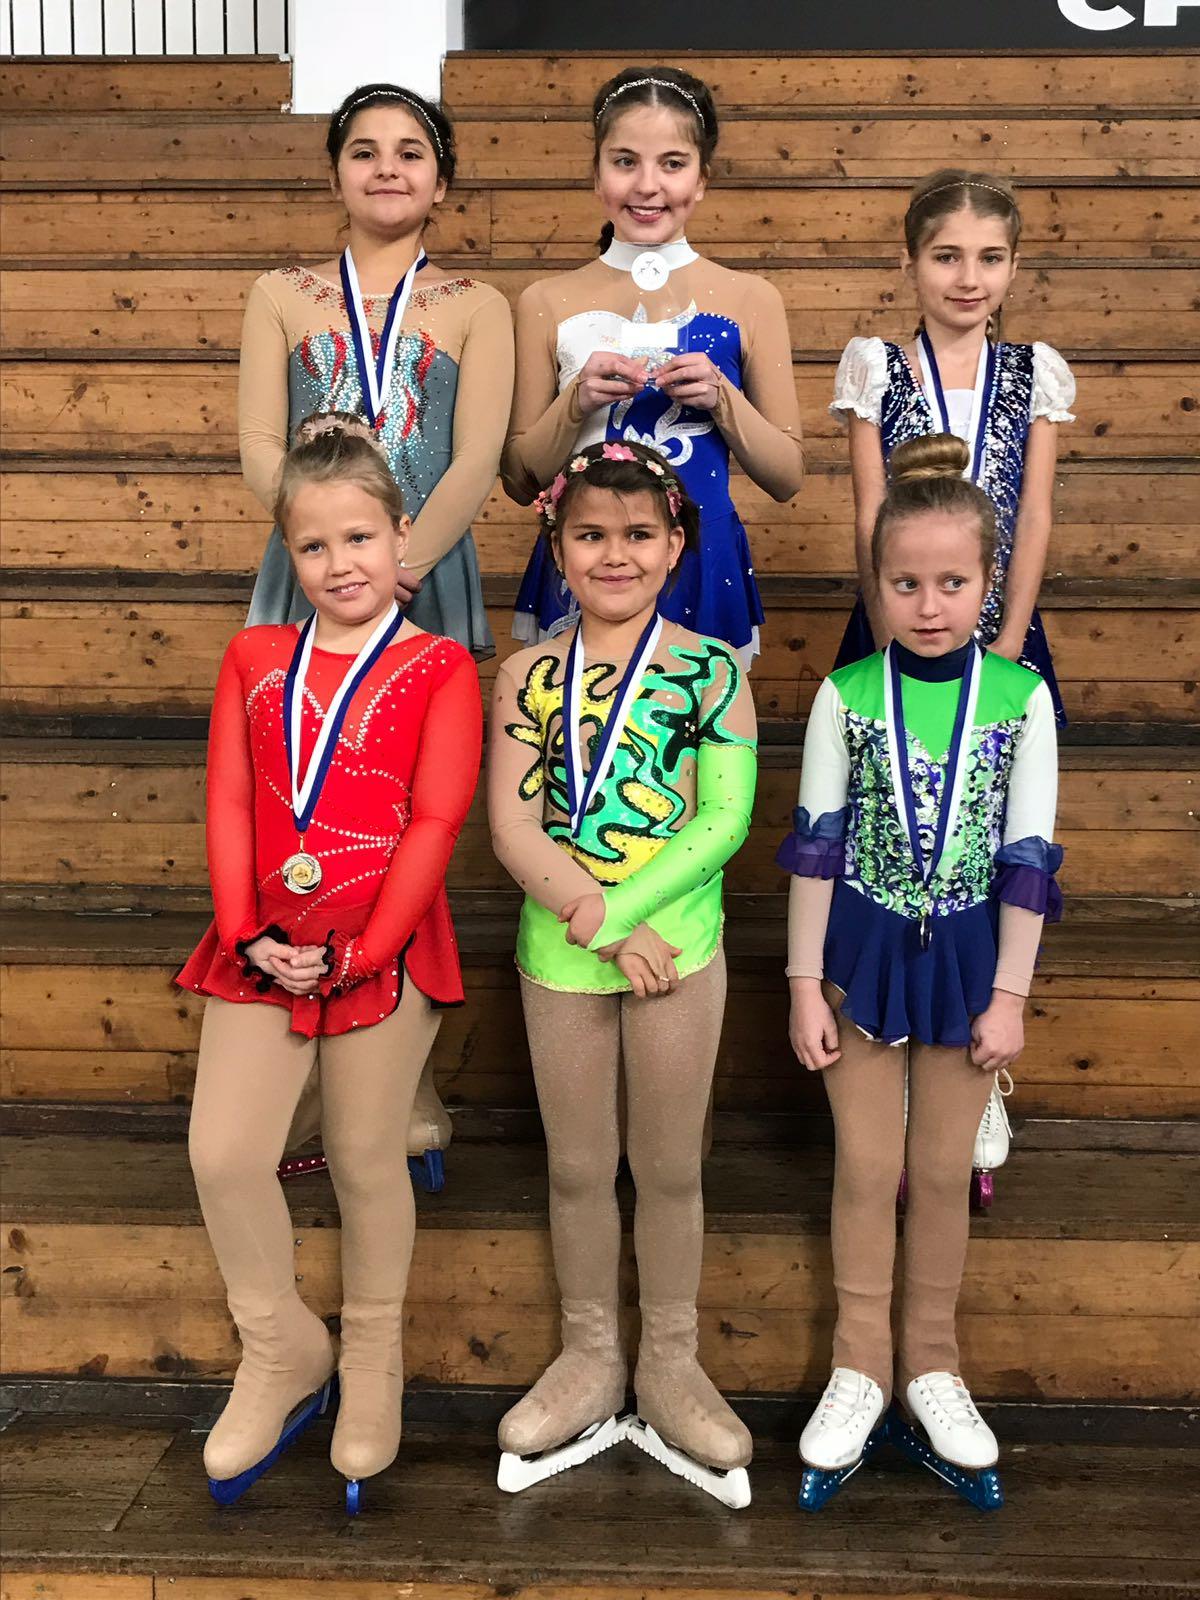 - Am Pizokel Cup in Chur nahmen 8 Läuferinnen des Eiskunstlaufclub Lenzerheide teil. Jil Vogt erhielt Bronze in der Kategorie 2*. Soma Arif und Jana Dannacher starteten zum ersten Mal an einem Wettkampf und meisterten den Parcour mit Bravour.Wir gratulieren all unseren Läuferinnen zum Erfolg.